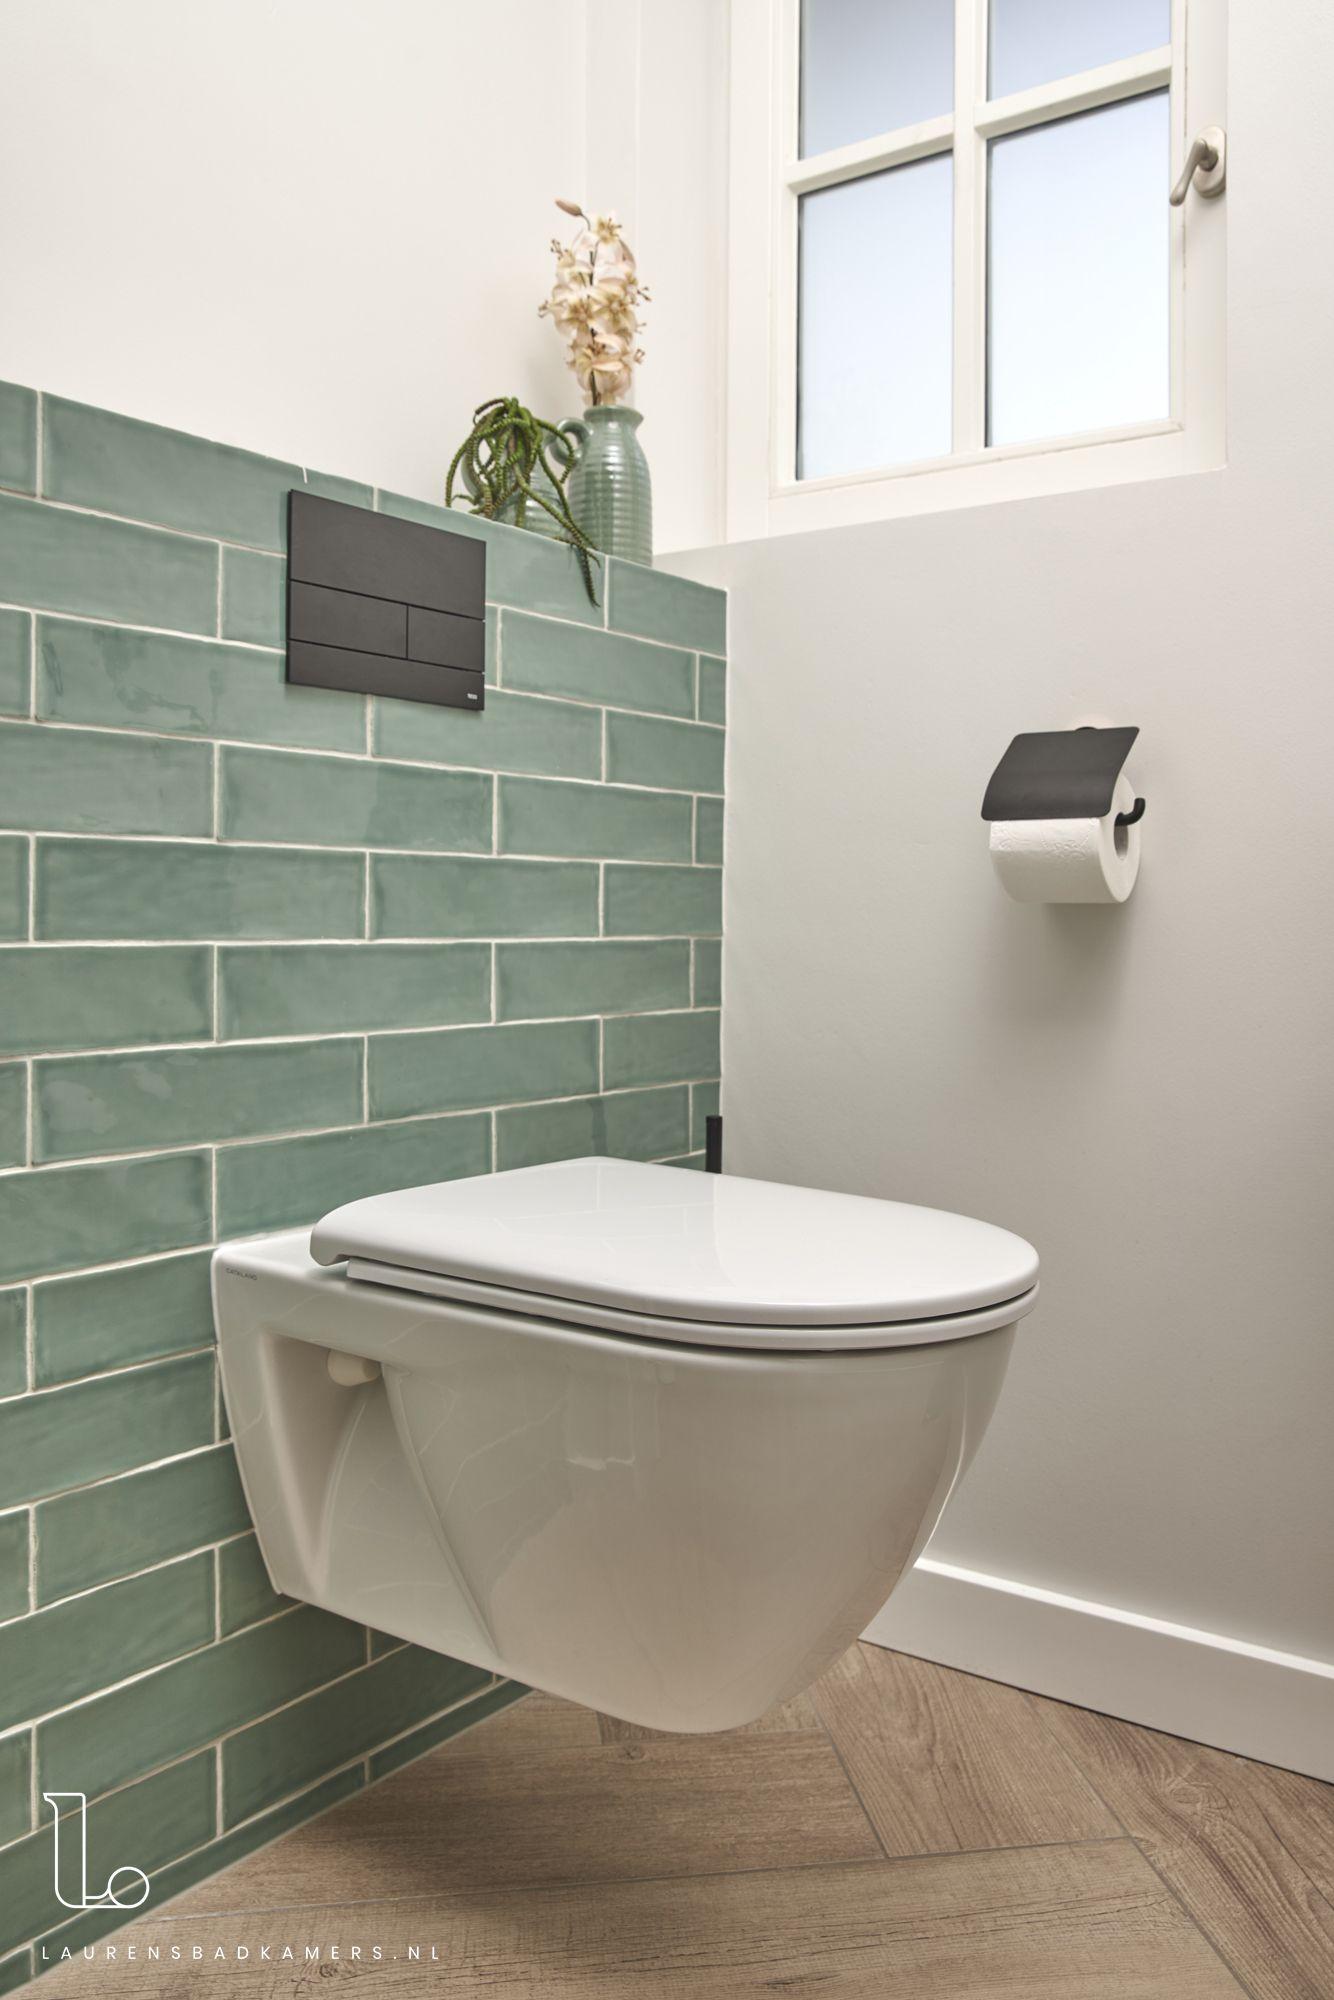 Retro design tiles - Laurens Badkamers